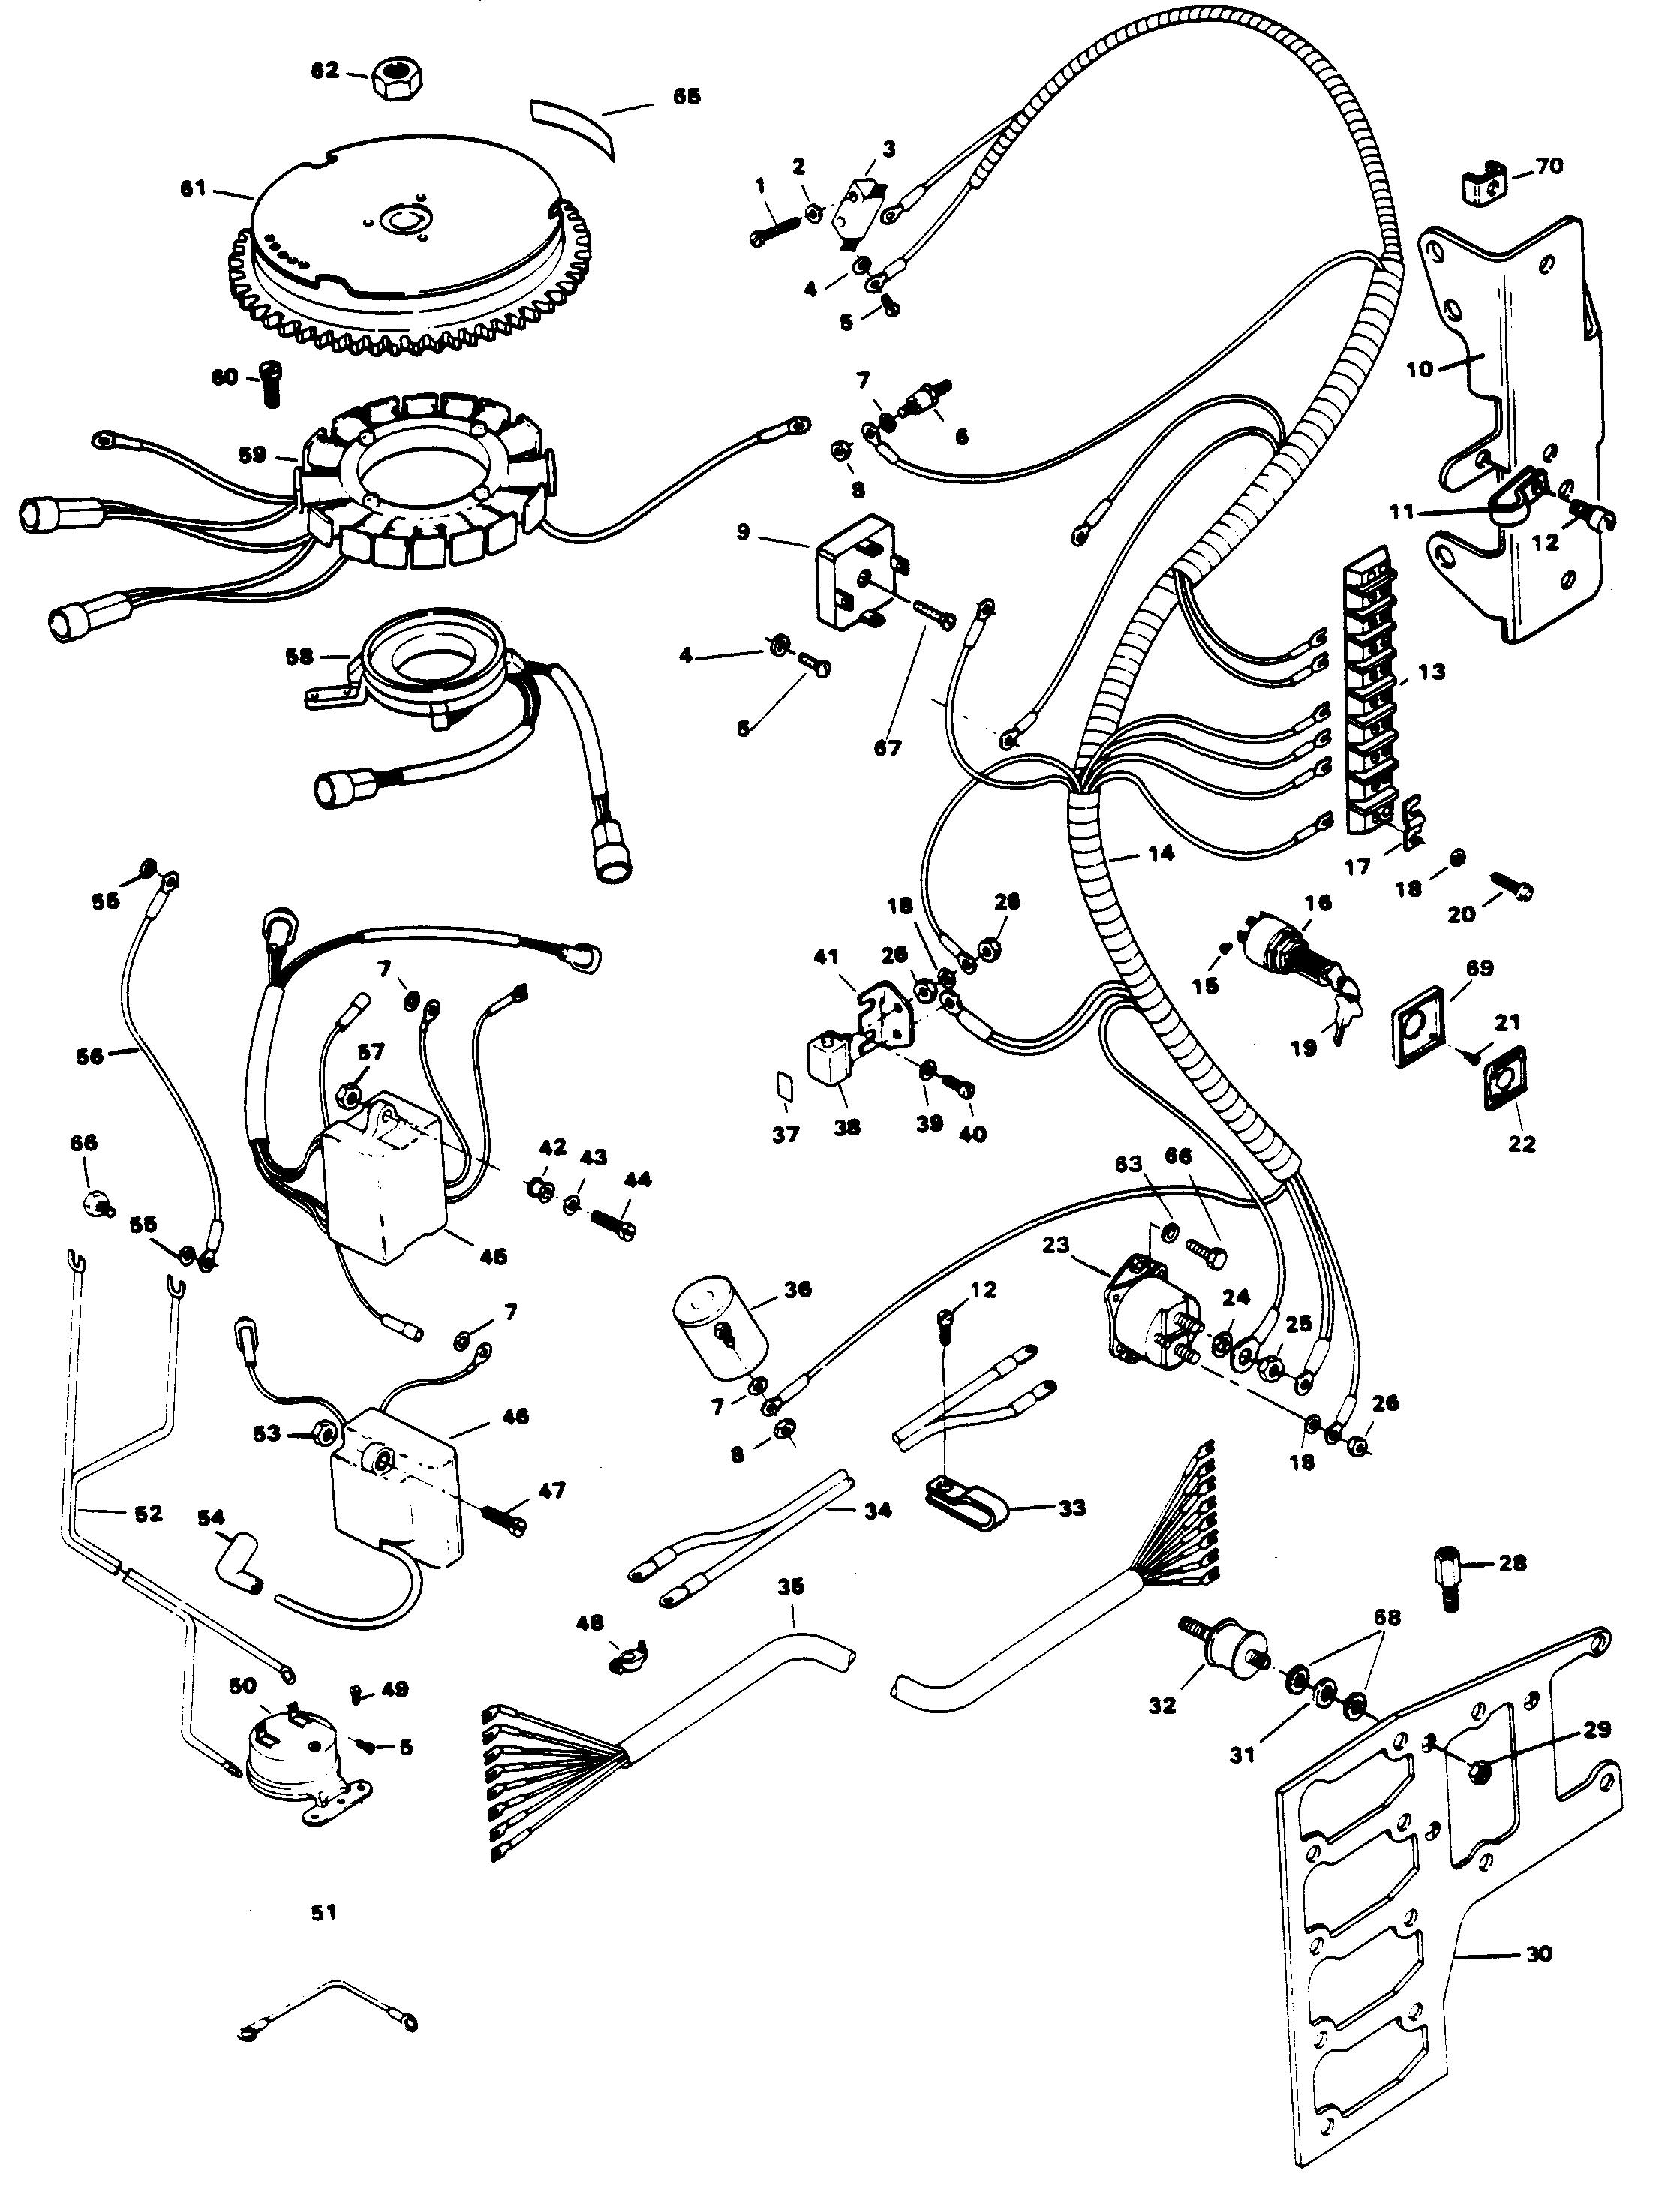 125hp mercury outboard wiring diagram 1985  mercury outboard motor on  perkins diesel engine wiring diagram